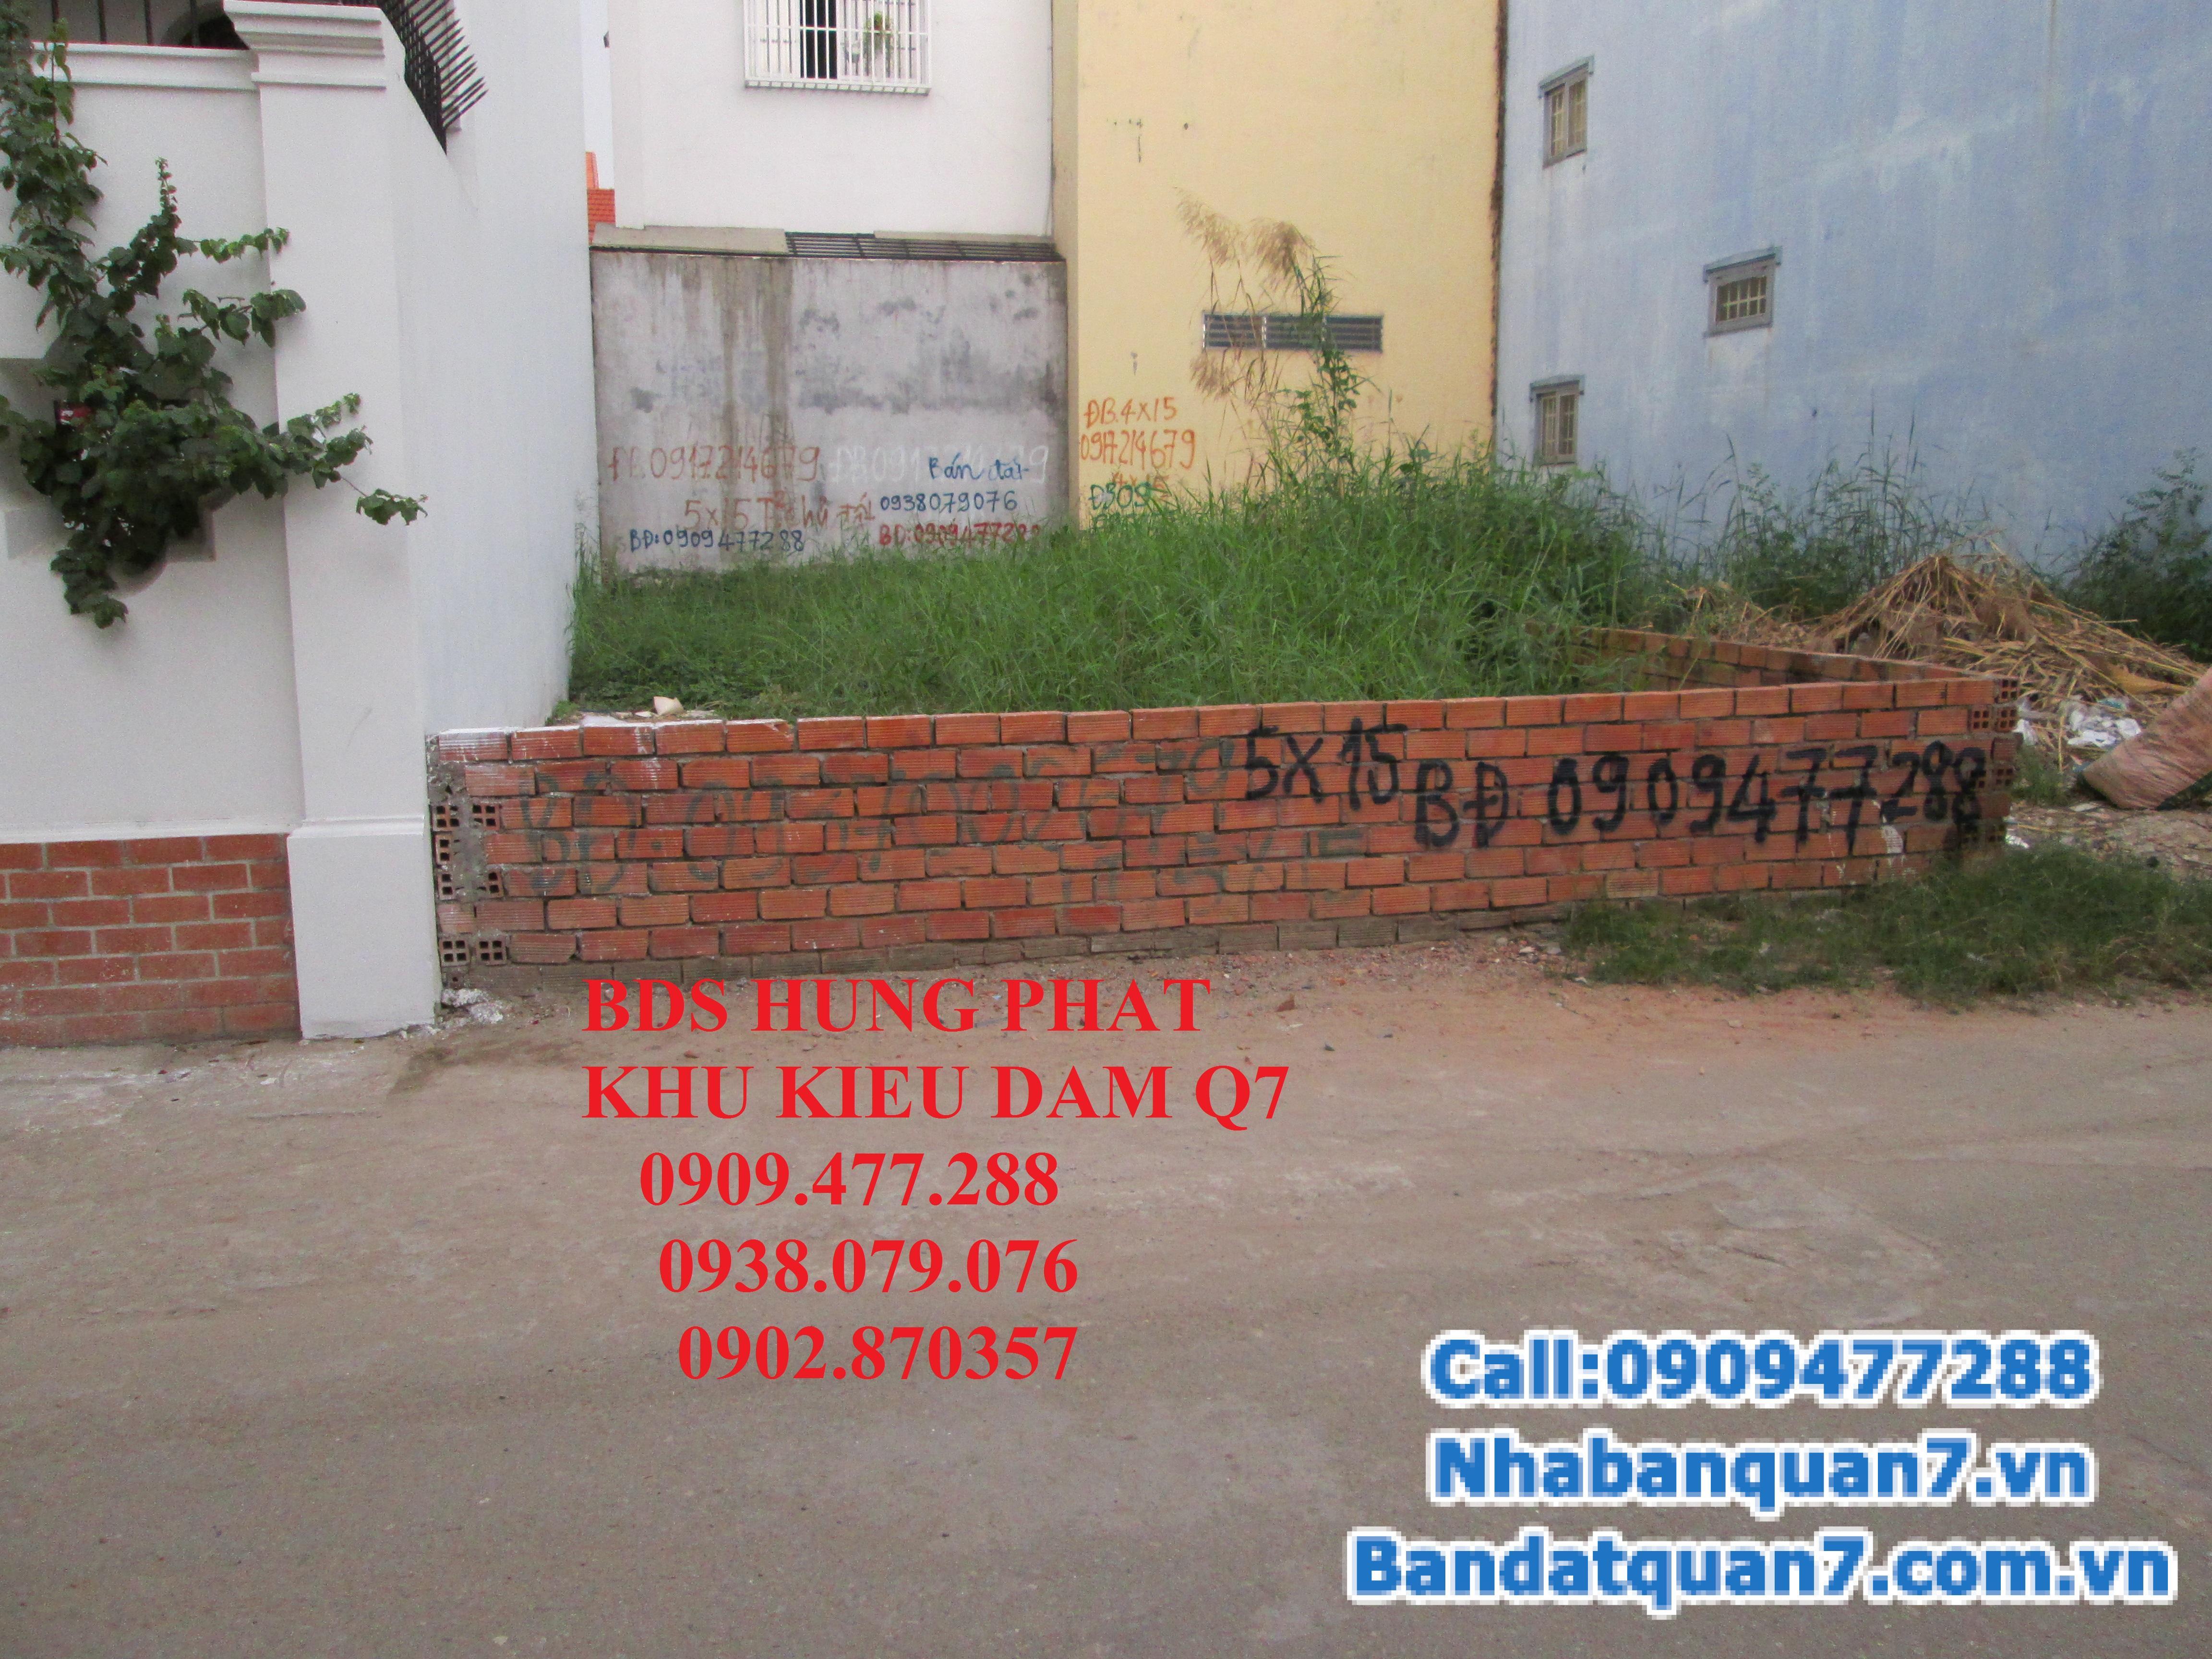 Cần bán gấp đất nhà nát MT hẻm 793 Kiều Đàm, P. Tân Hưng, Quận 7